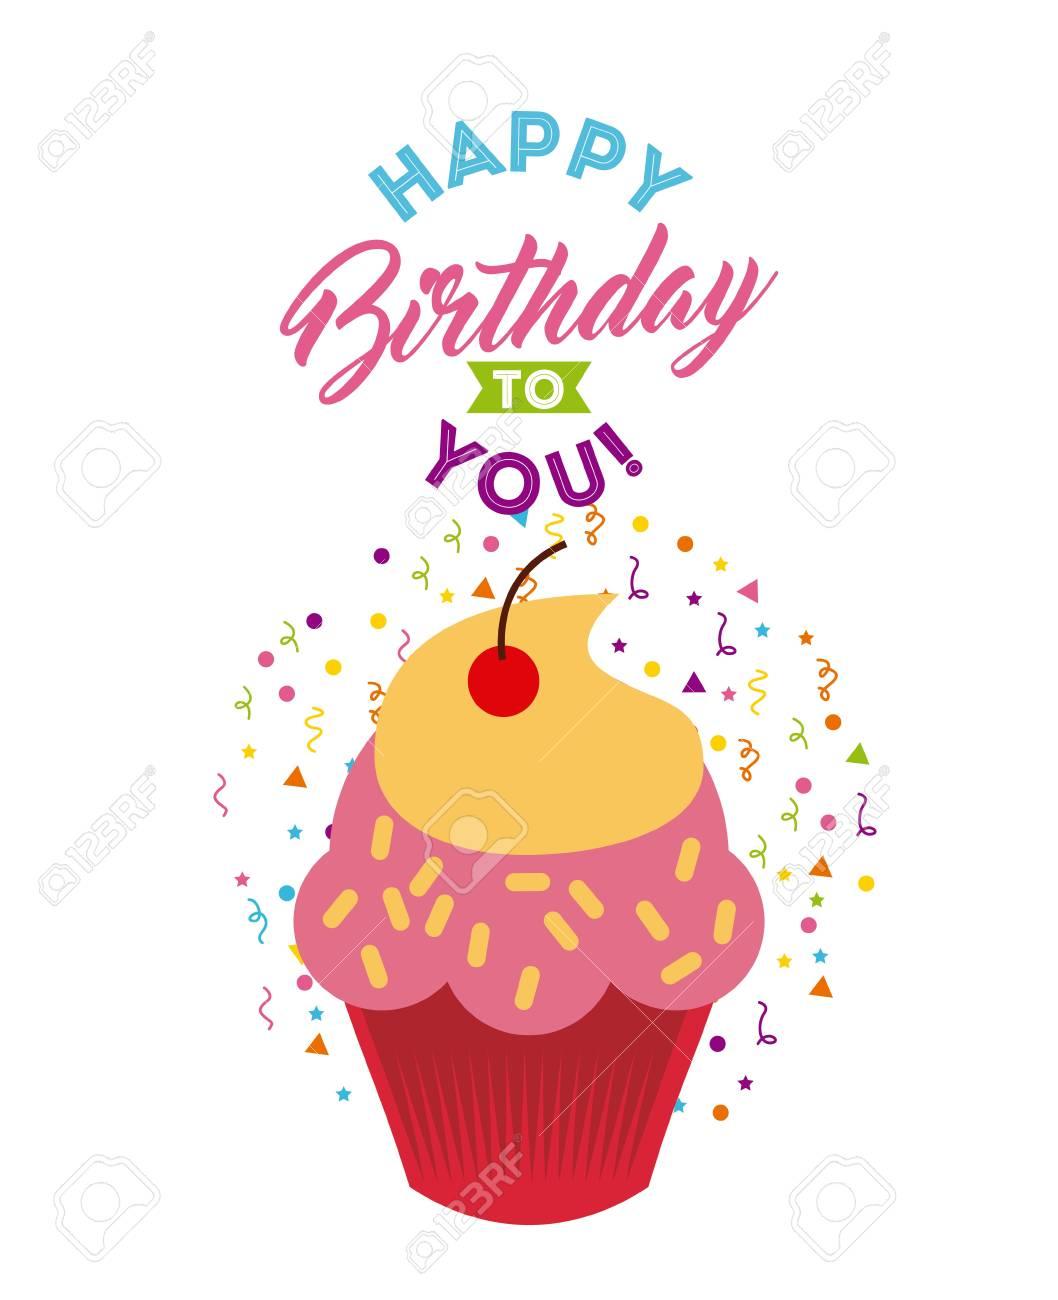 Tarjeta De Feliz Cumpleaños Con El Icono De Dibujos Animados Cupcake